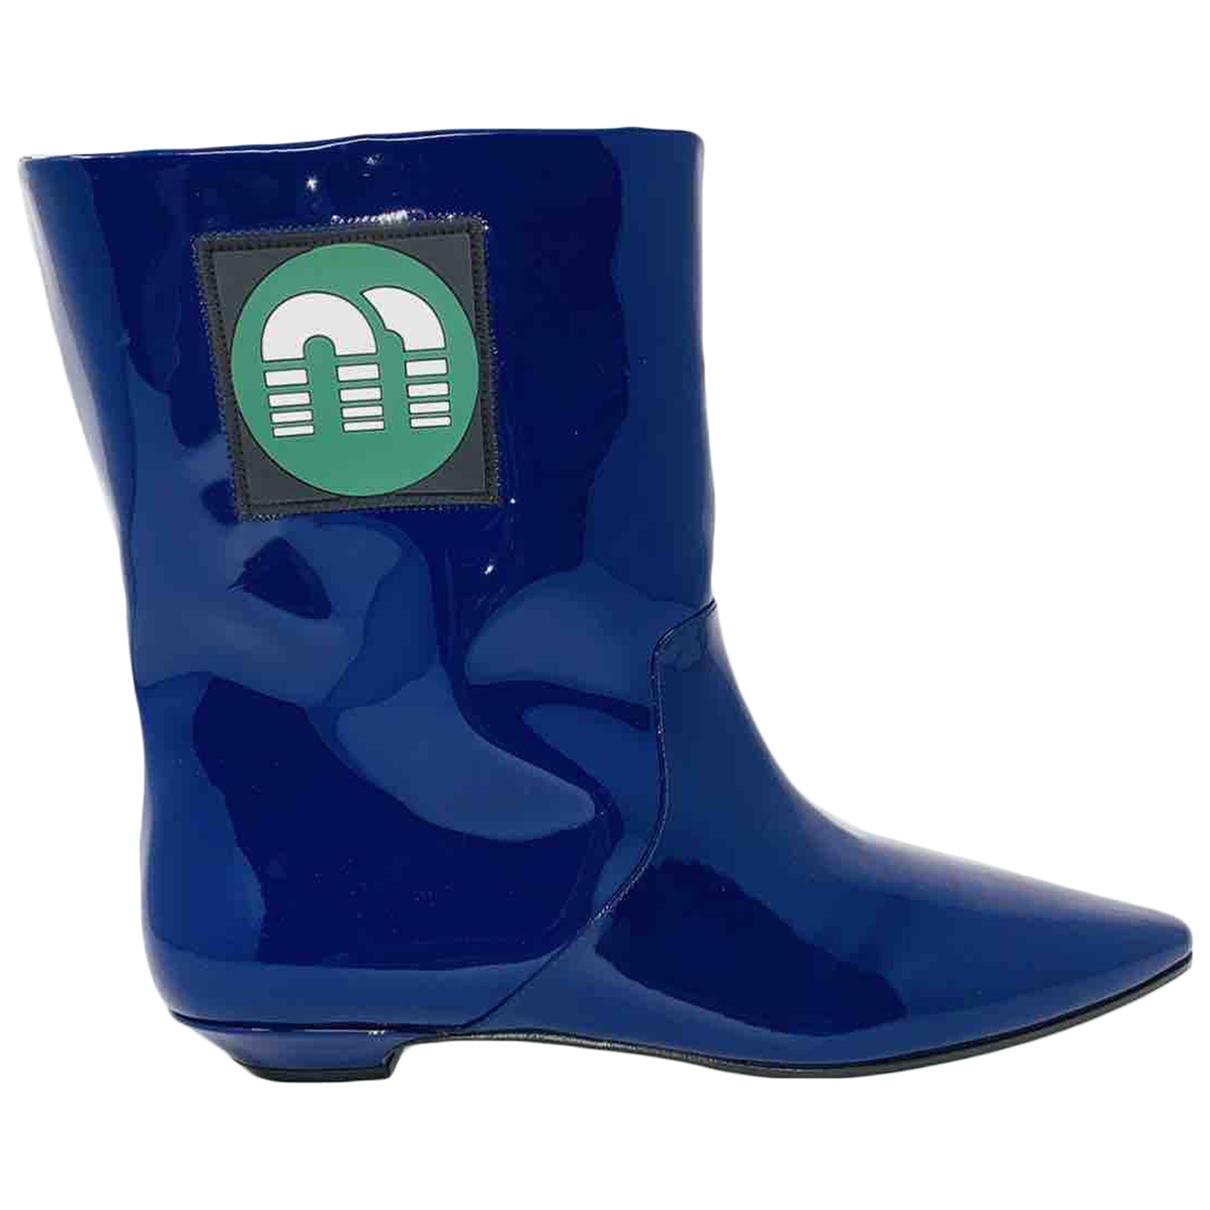 Miu Miu - Boots   pour femme en cuir verni - bleu